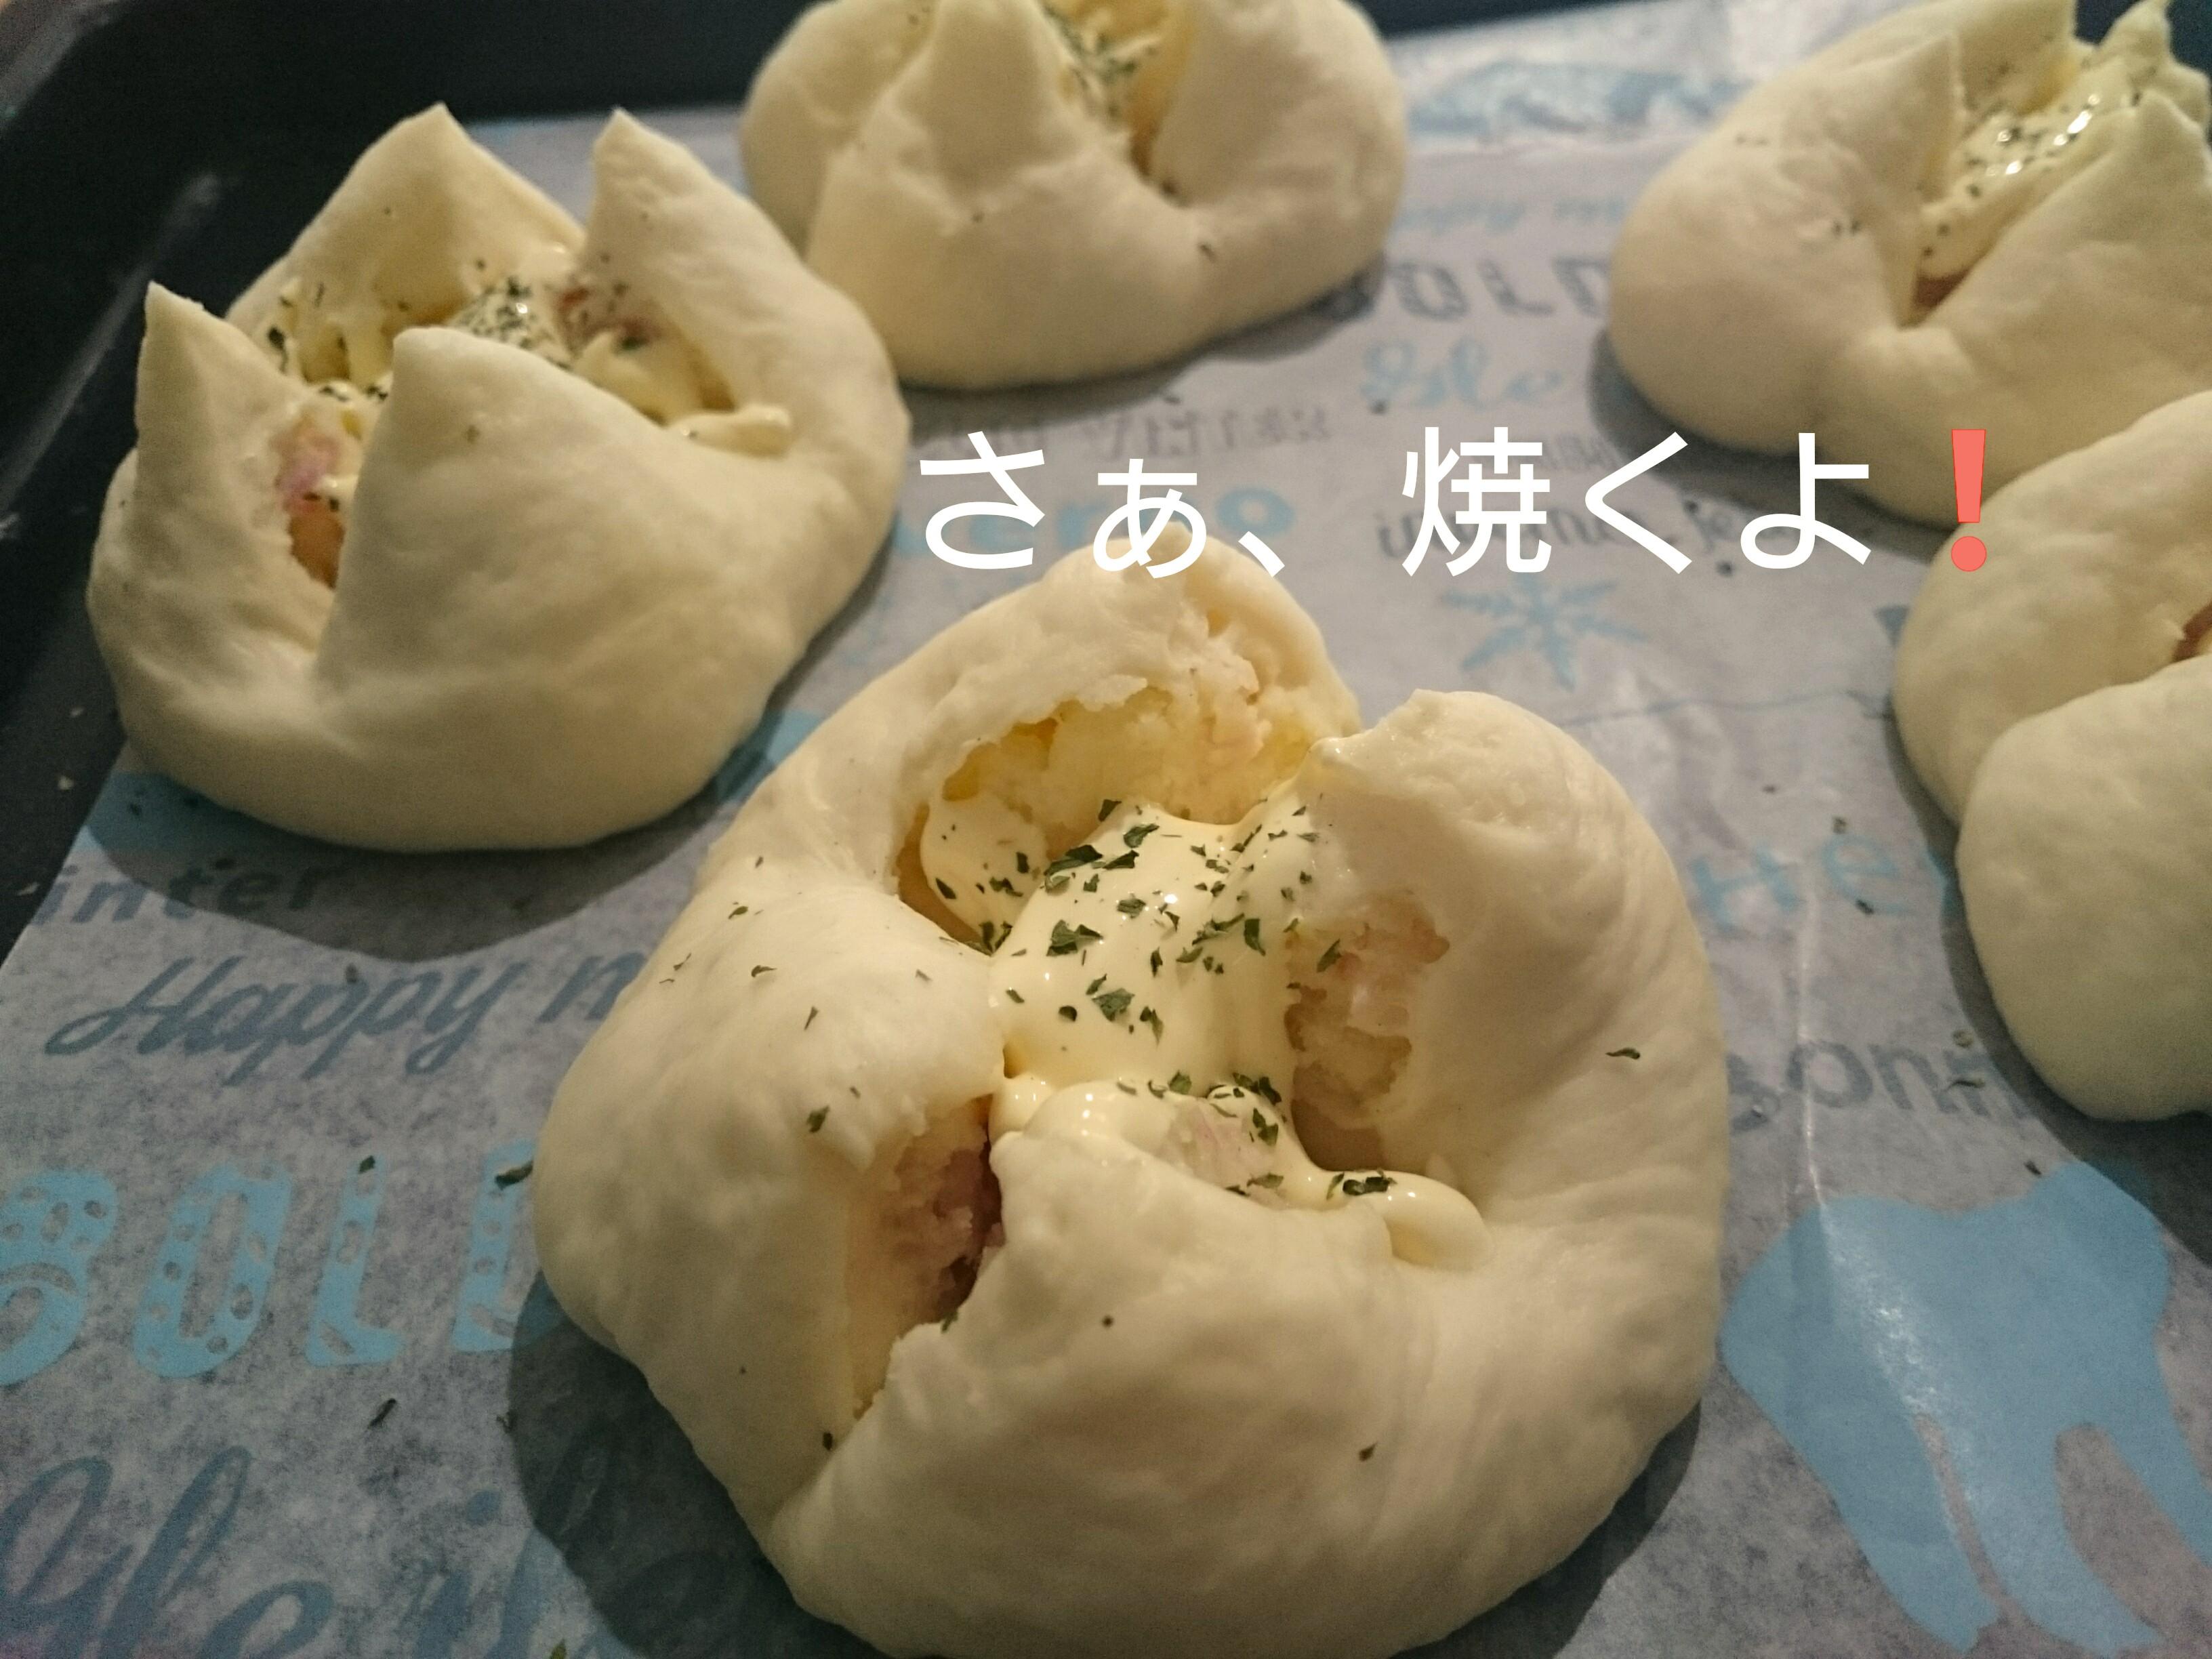 moblog_20126af4.jpg